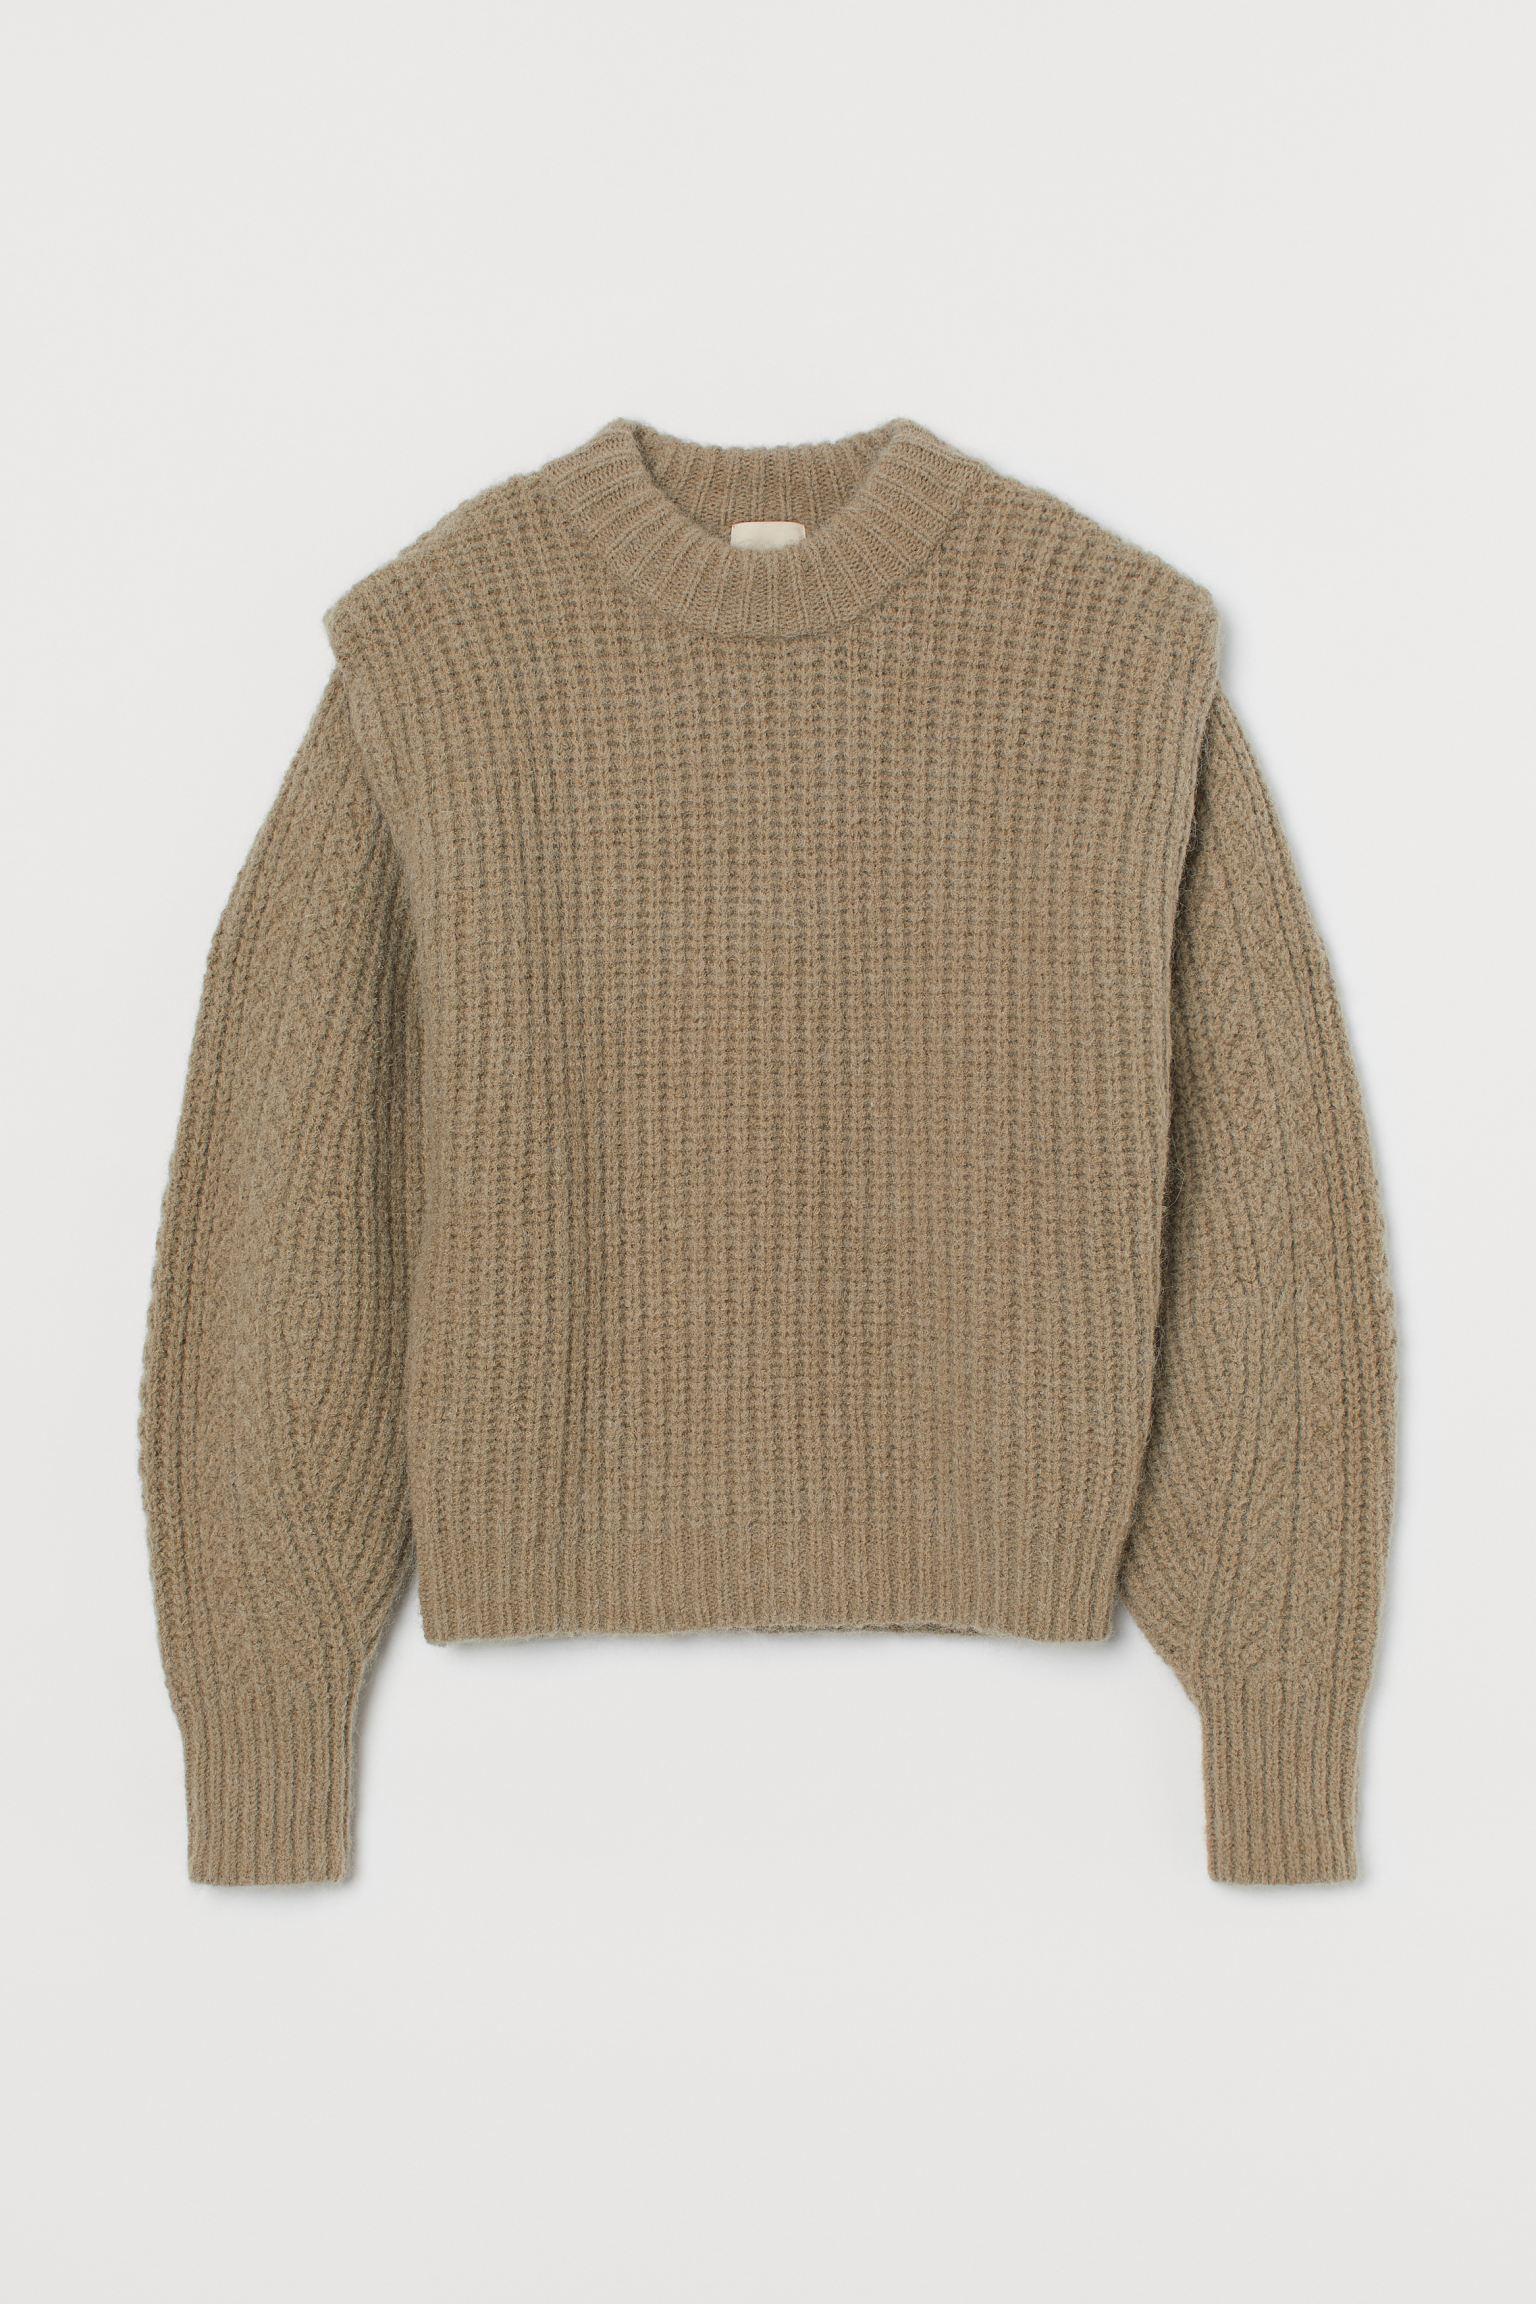 Jersey en punto de canalé suave con lana en la trama. Modelo con mangas amplias, detalle doblado en los hombros para una silueta definida y remate ancho de canalé en cuello, puños y bajo.